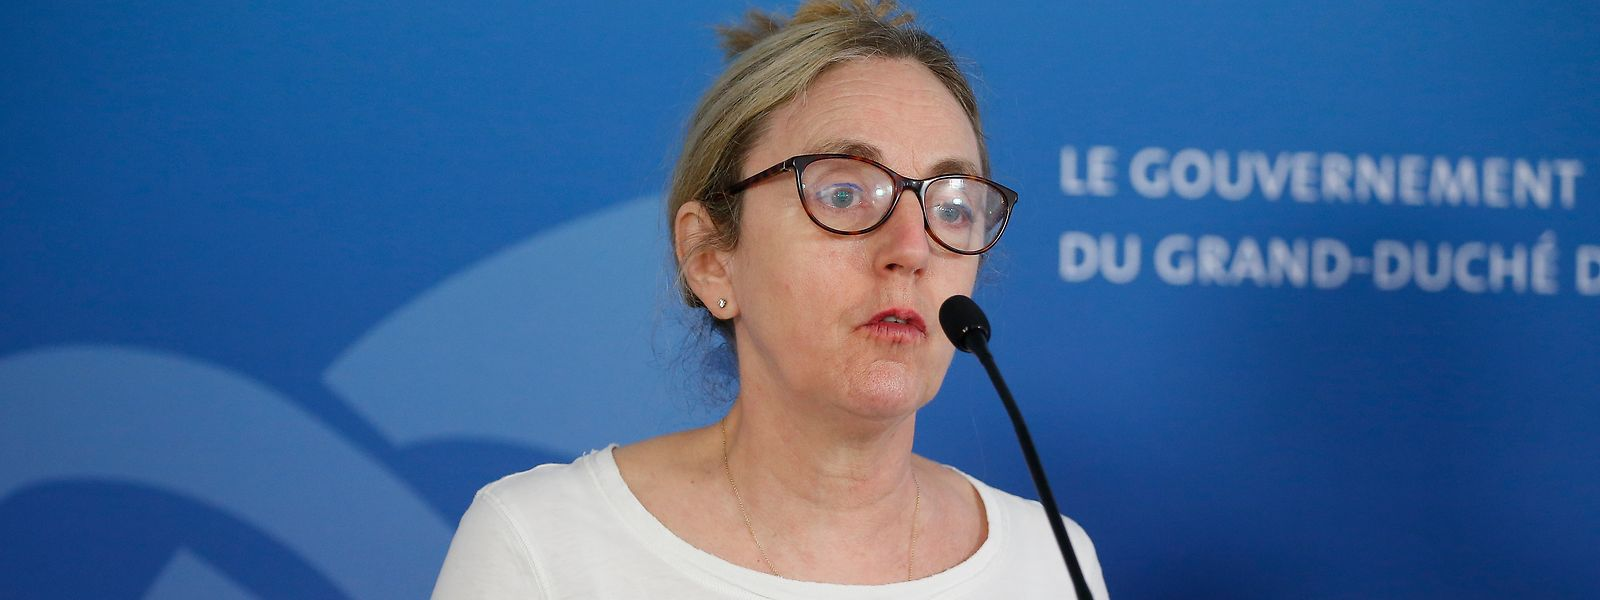 Thérèse Staub est la cheffe du service des maladies infectieuses du Centre Hospitalier de Luxembourg.